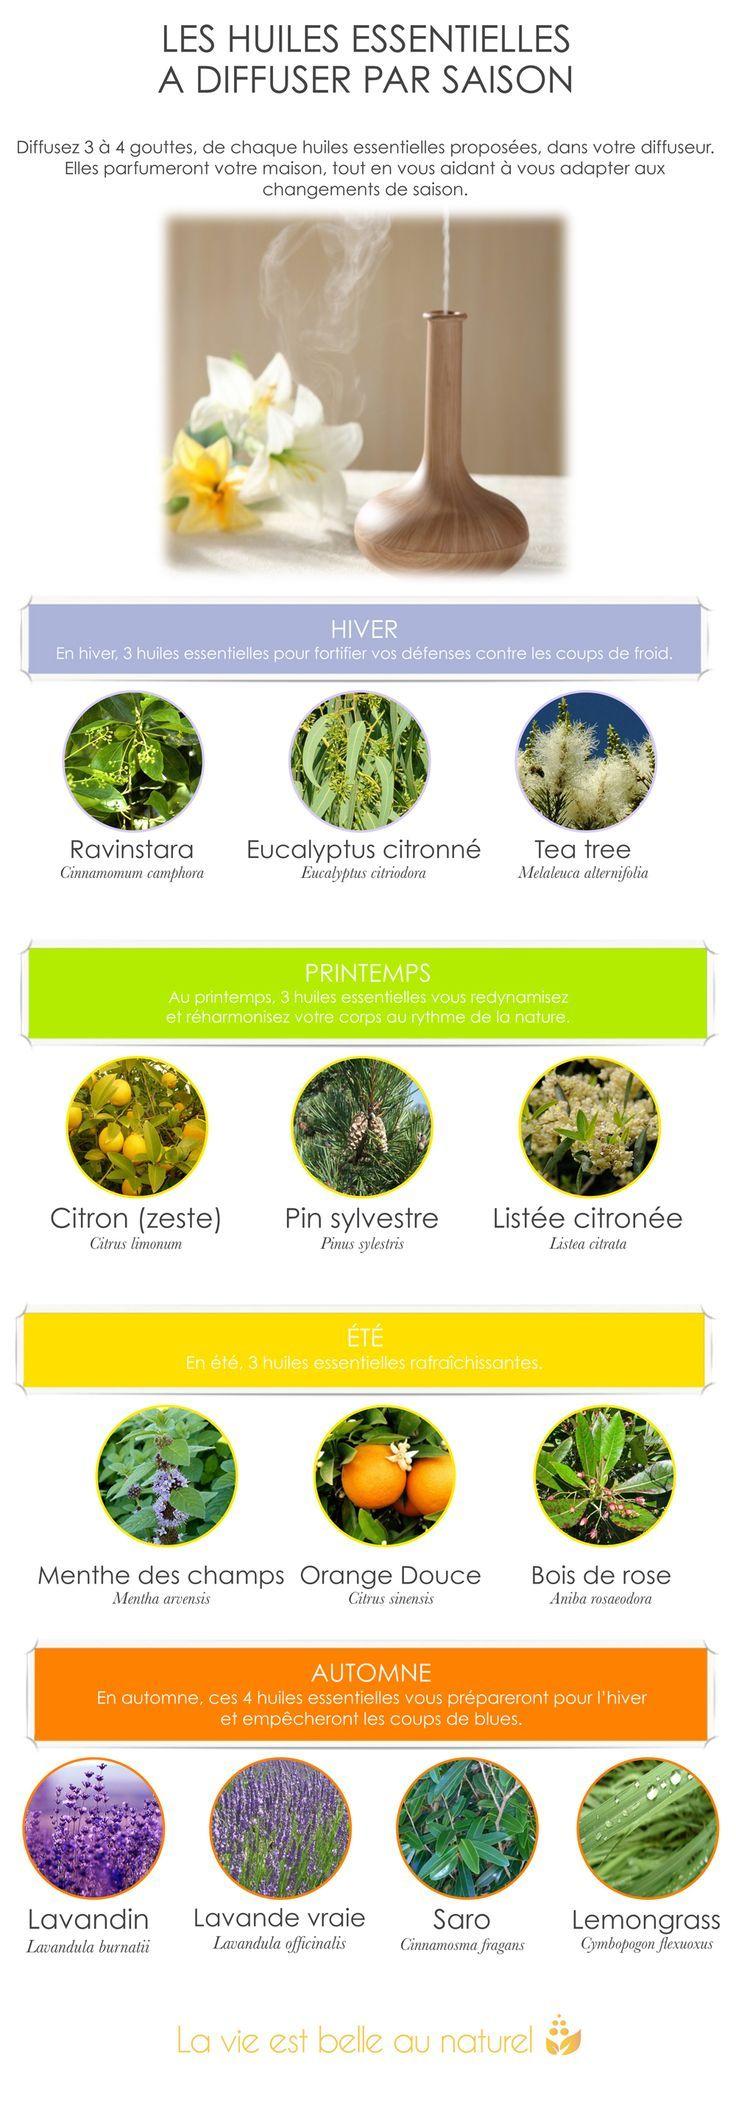 Les huiles essentielles à diffuser par saison                                                                                                                                                                                 Plus